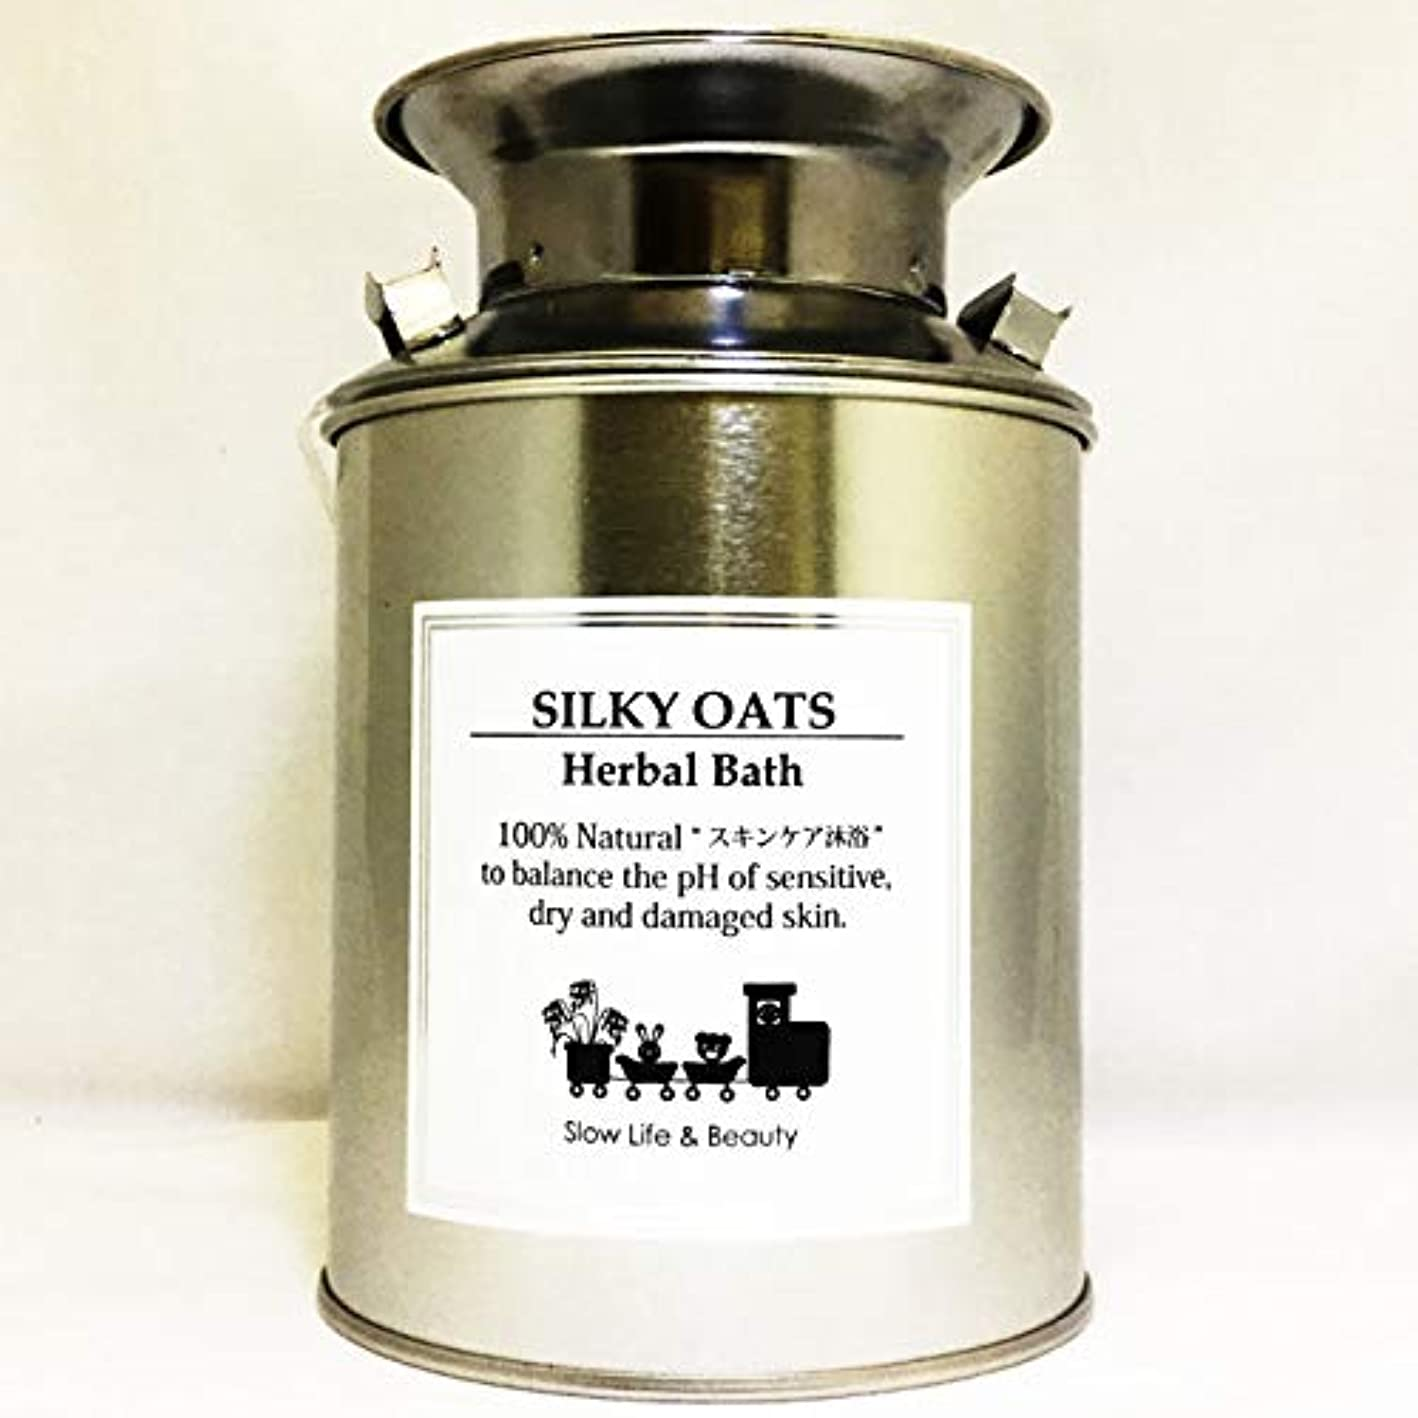 知覚する梨整然としたシーラン SEARUN SILKY OATS Herbal Bath(ハーバルバス)10g×20袋